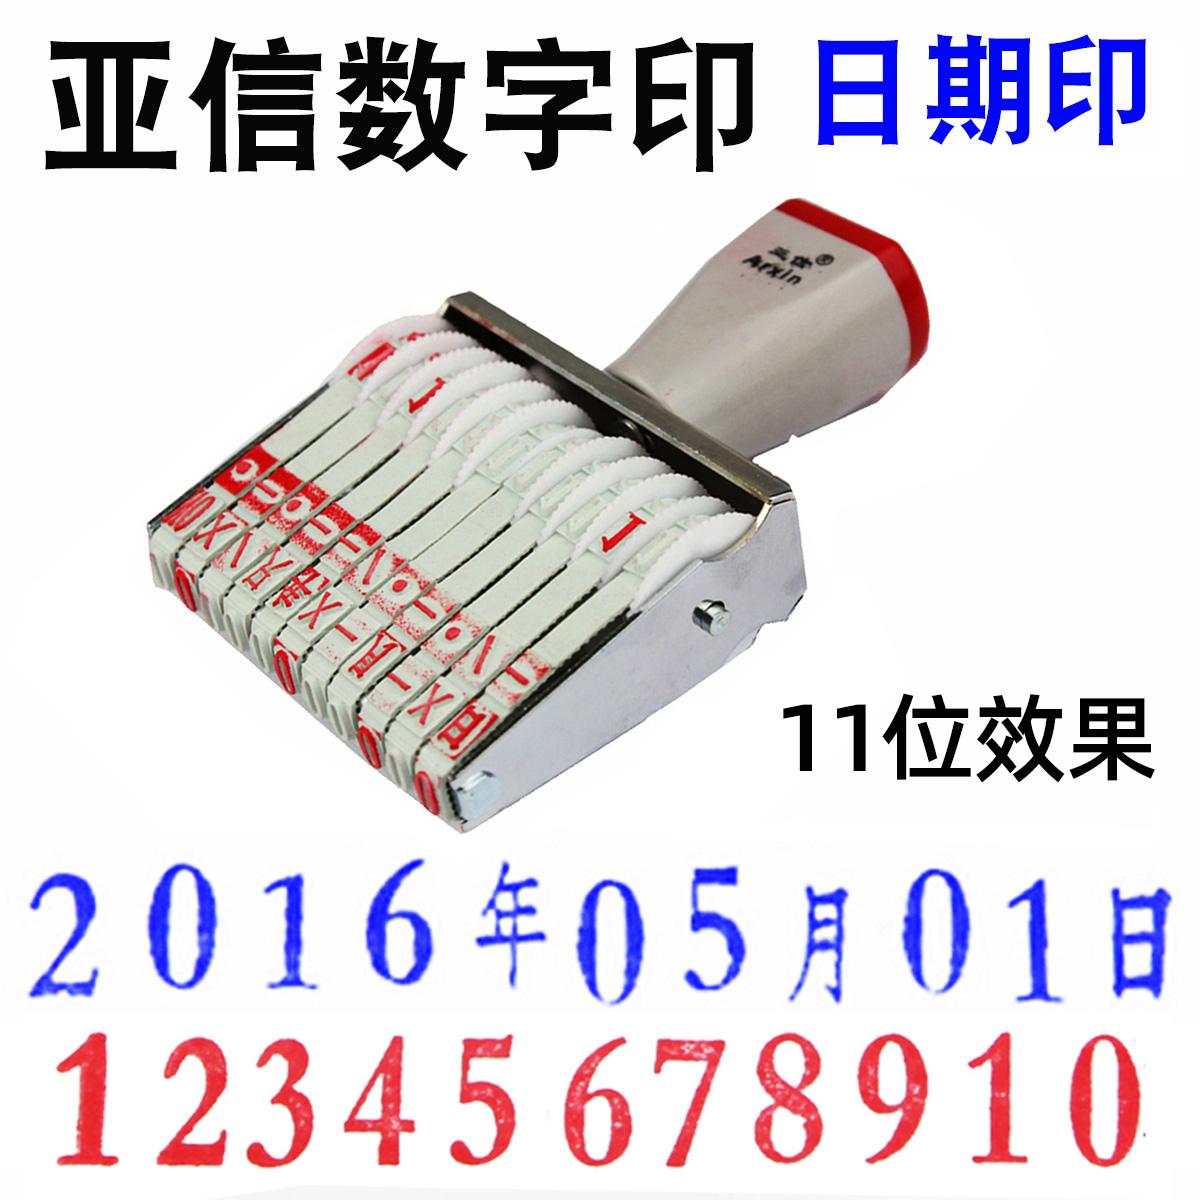 亚信11位可调日期数字号码印章年月日0-9转轮印大号价格滚轮组合特中小号生产日期批次打印机编号页码数字印